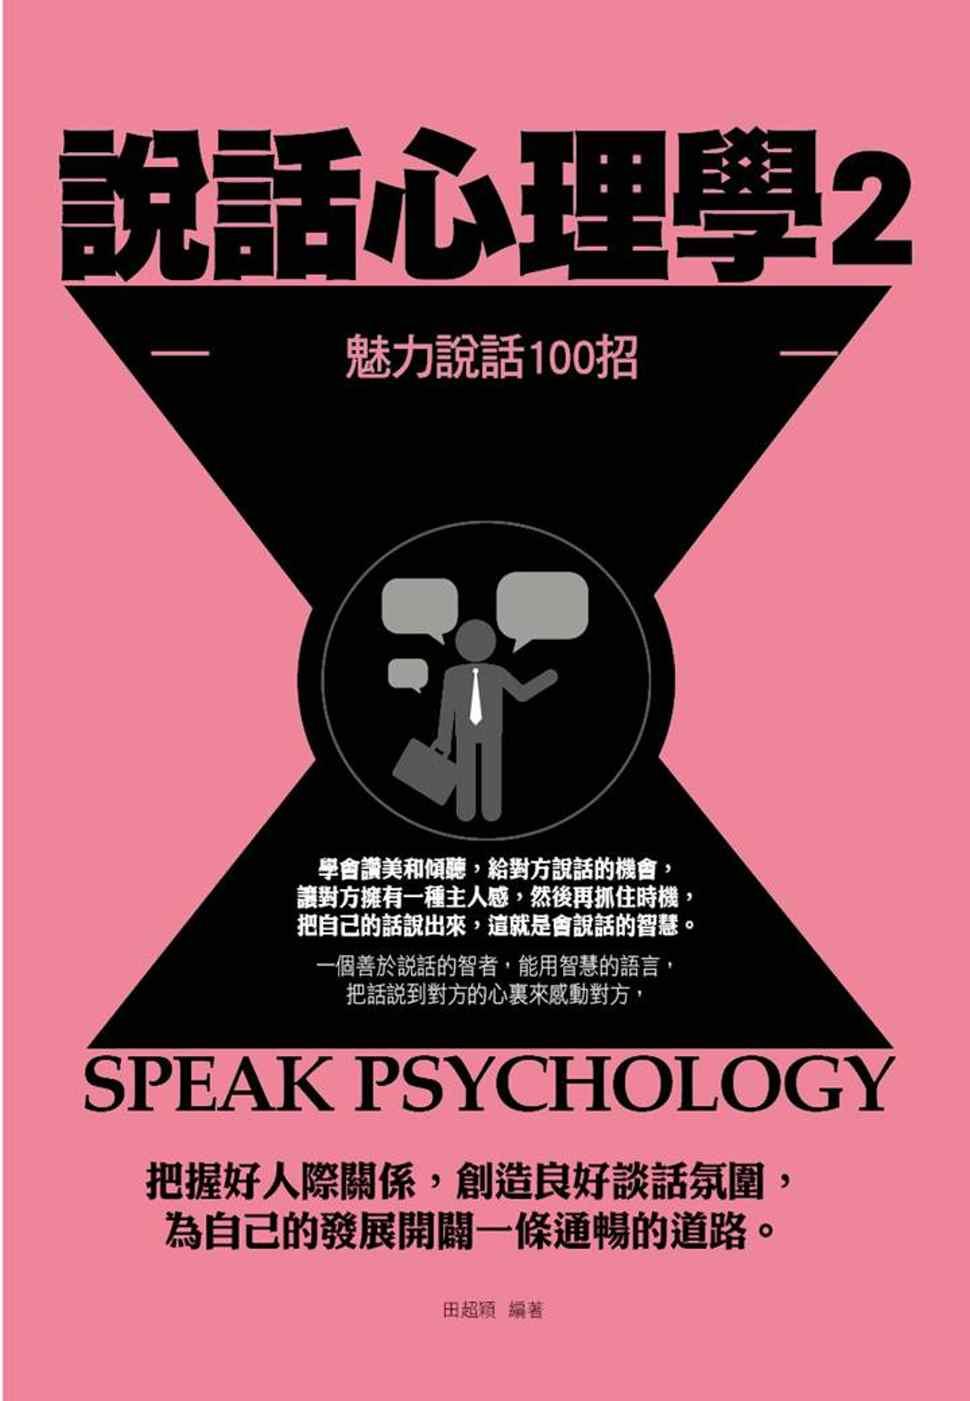 說話心理學2:魅力說話100招